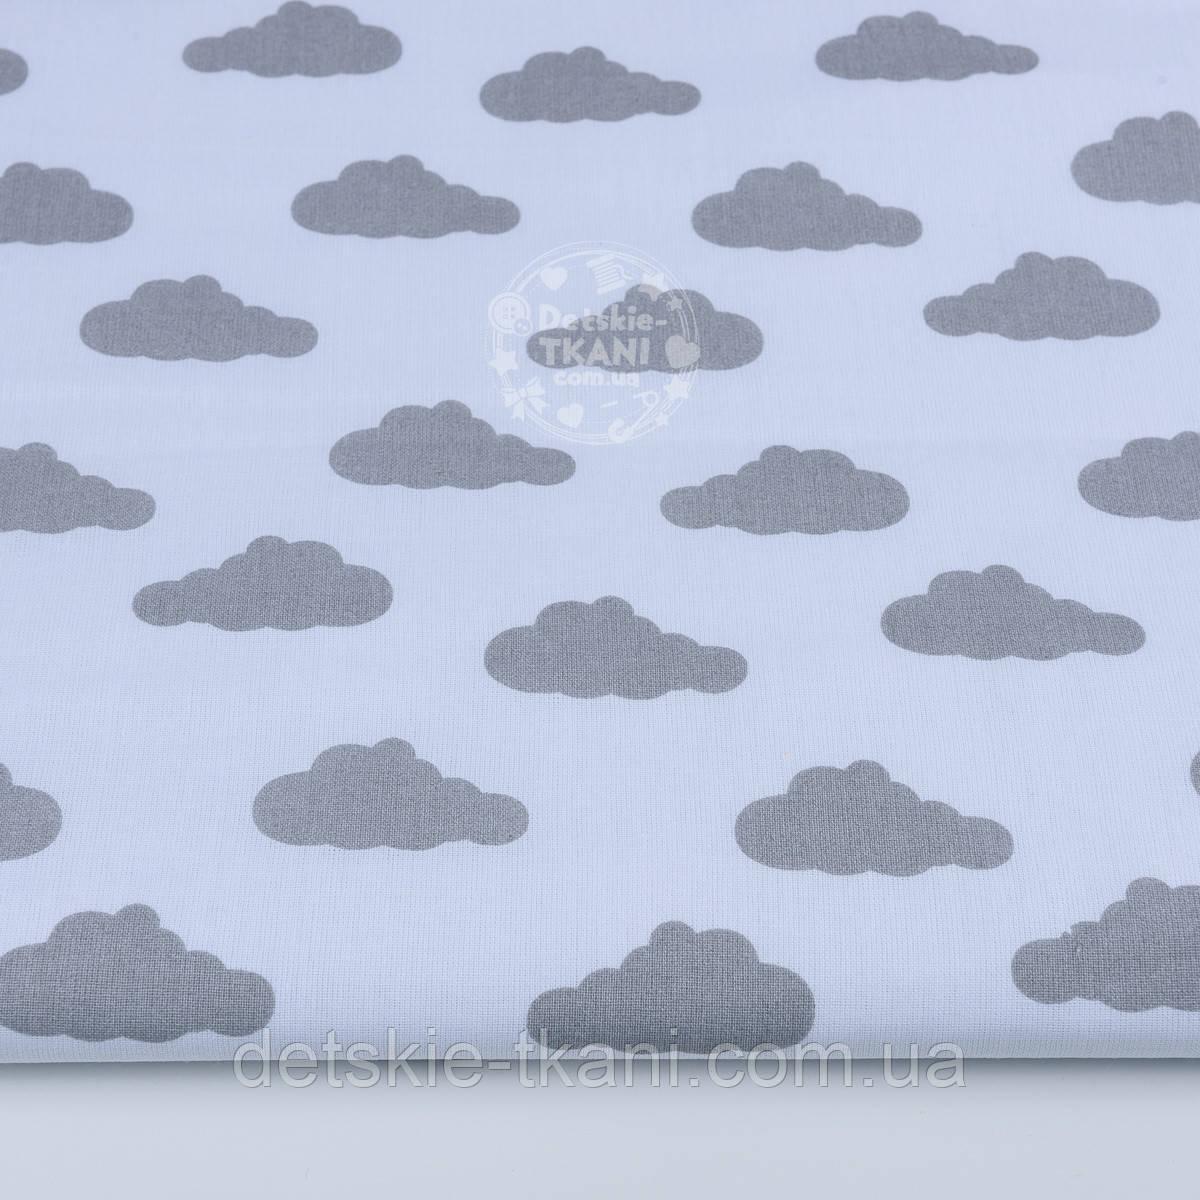 Бязь с одинаковыми серыми облаками на белом фоне (№838).